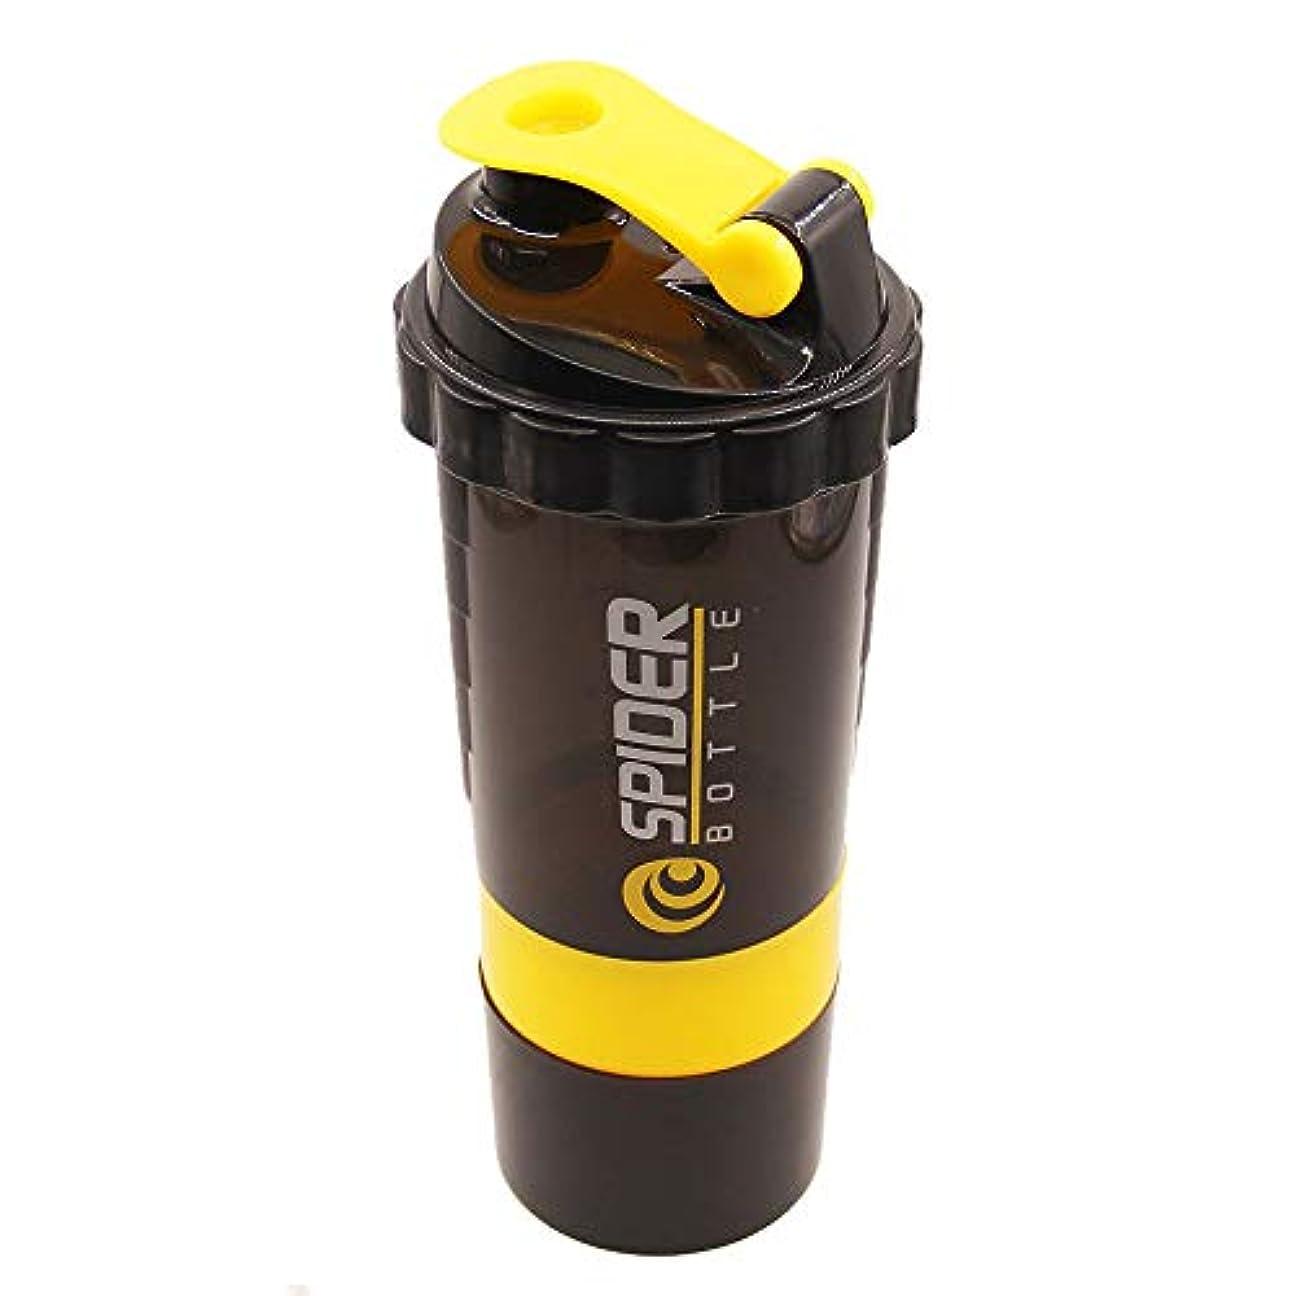 あさり船光のQuner プロテインシェイカー ボトル スポーツボトル 水筒 600ml シェーカーボトル 目盛り 3層 プラスチック フィットネス ダイエット コンテナ付き サプリケース